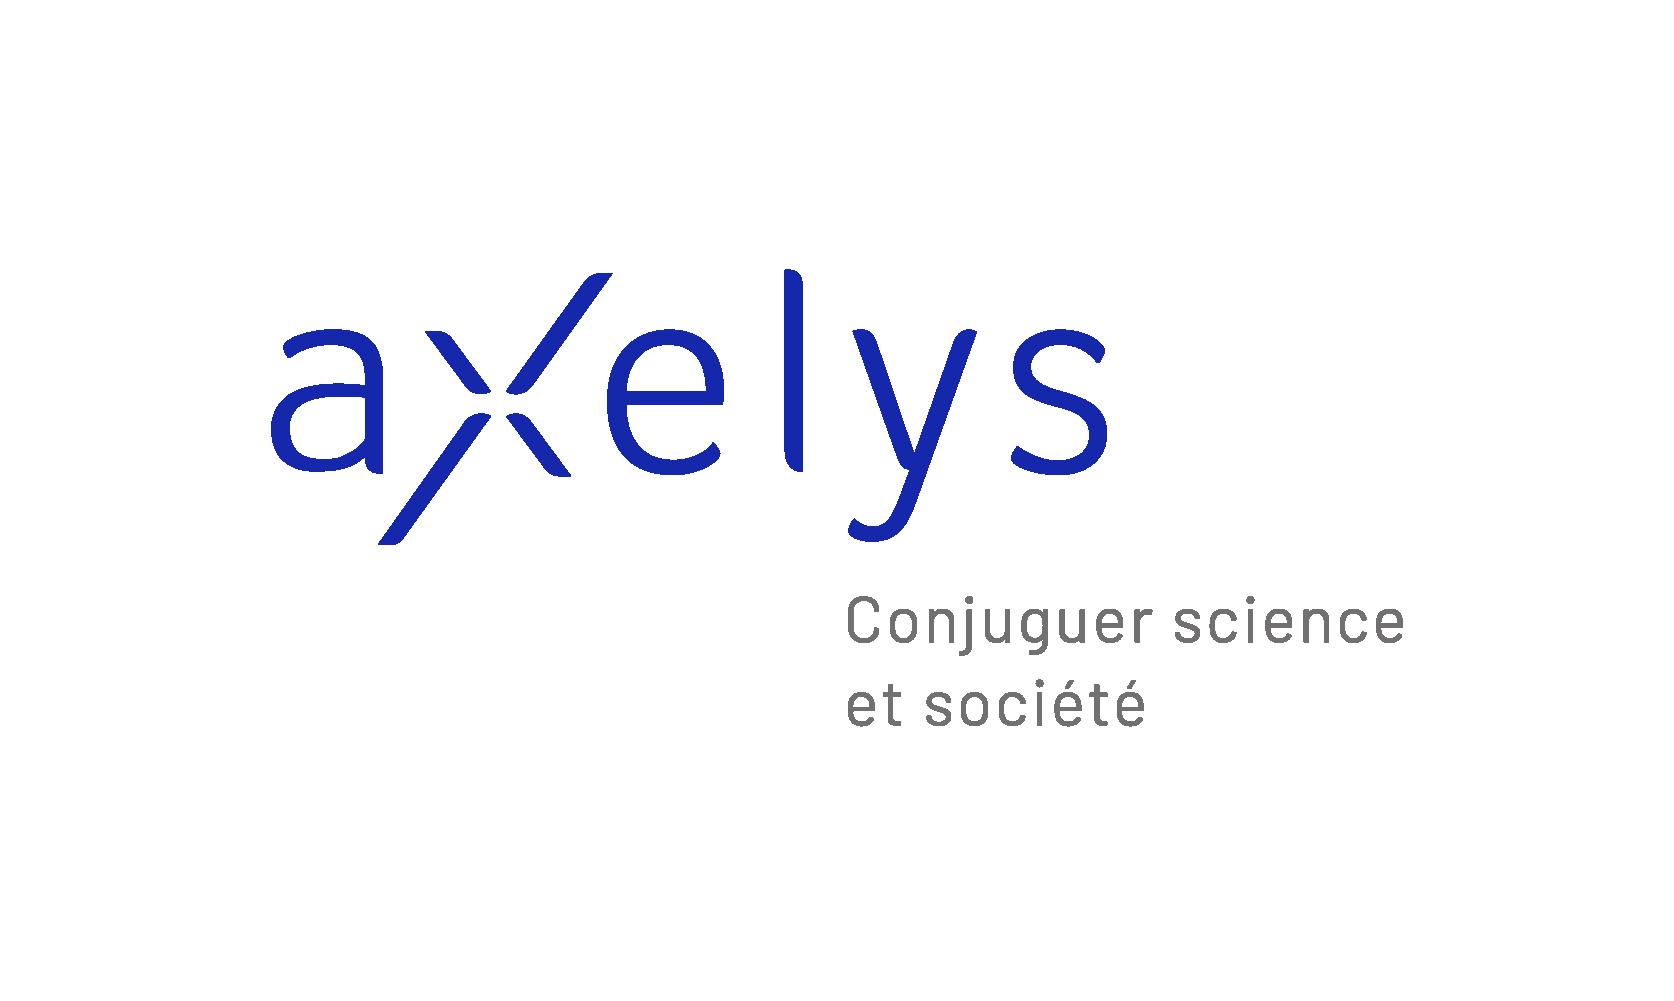 Axelys